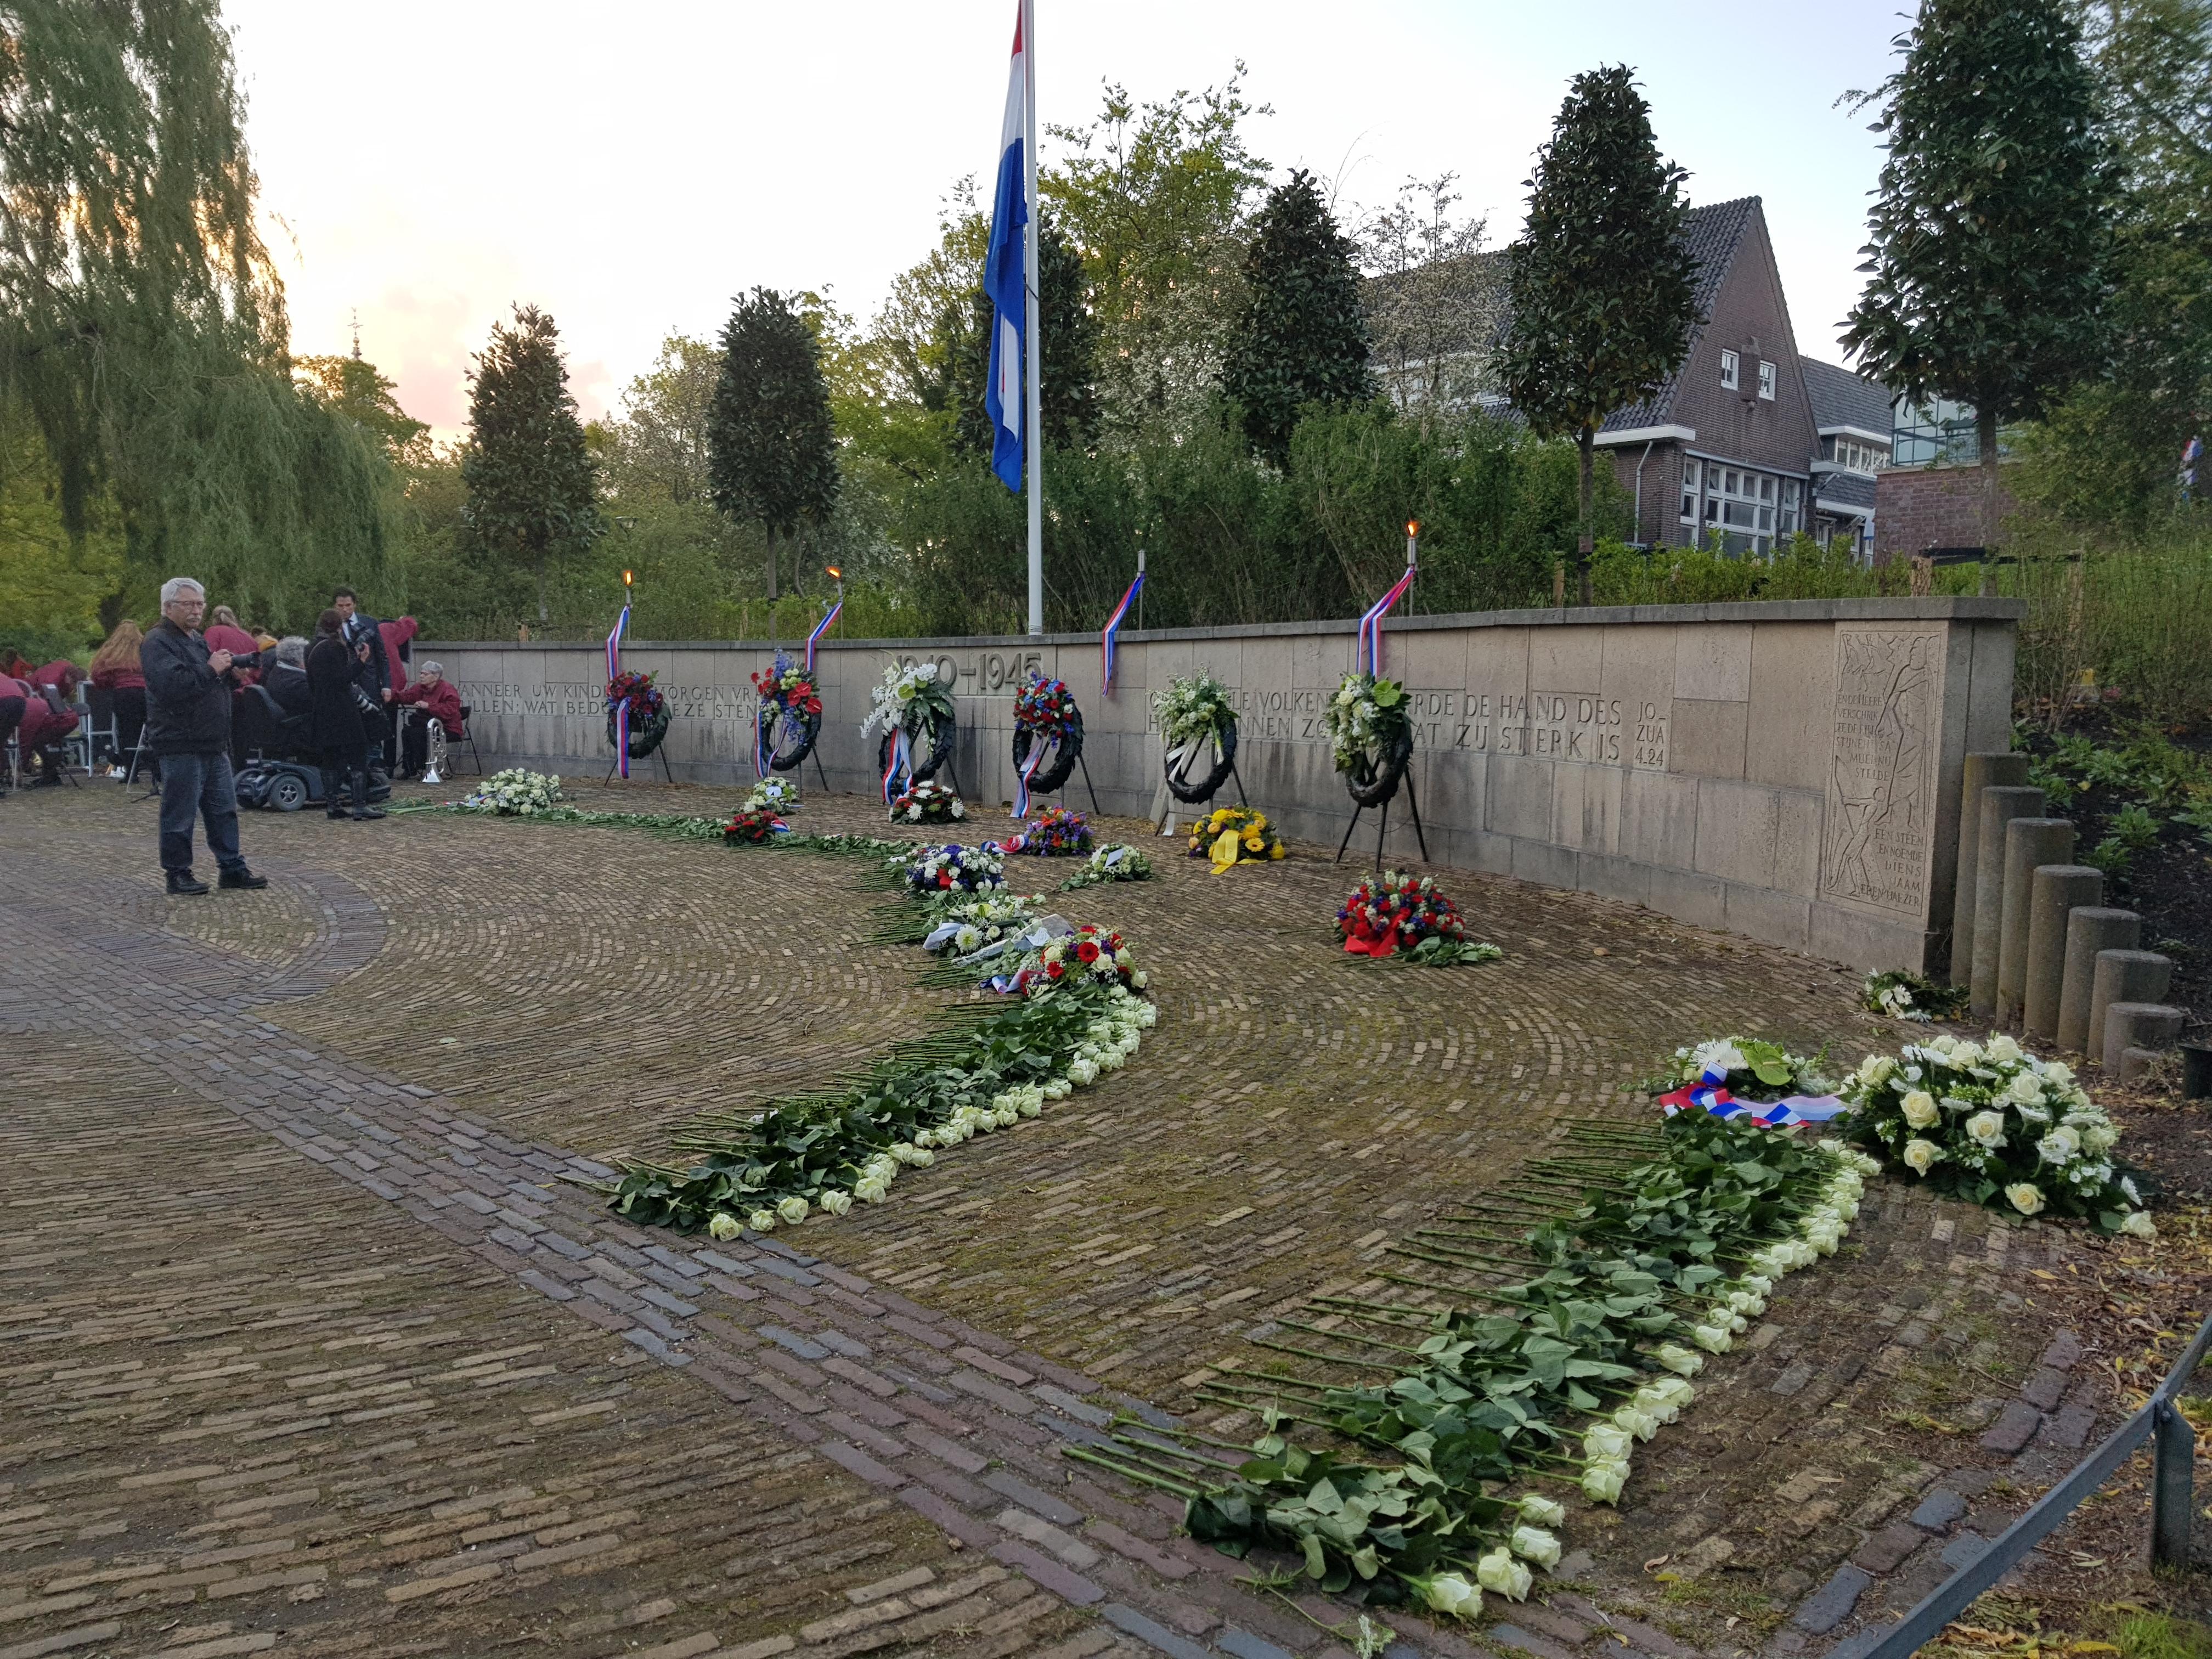 Oorlogsslachtoffers herdacht tijdens de Nationale Dodenherdenking in het Wilhelminapark